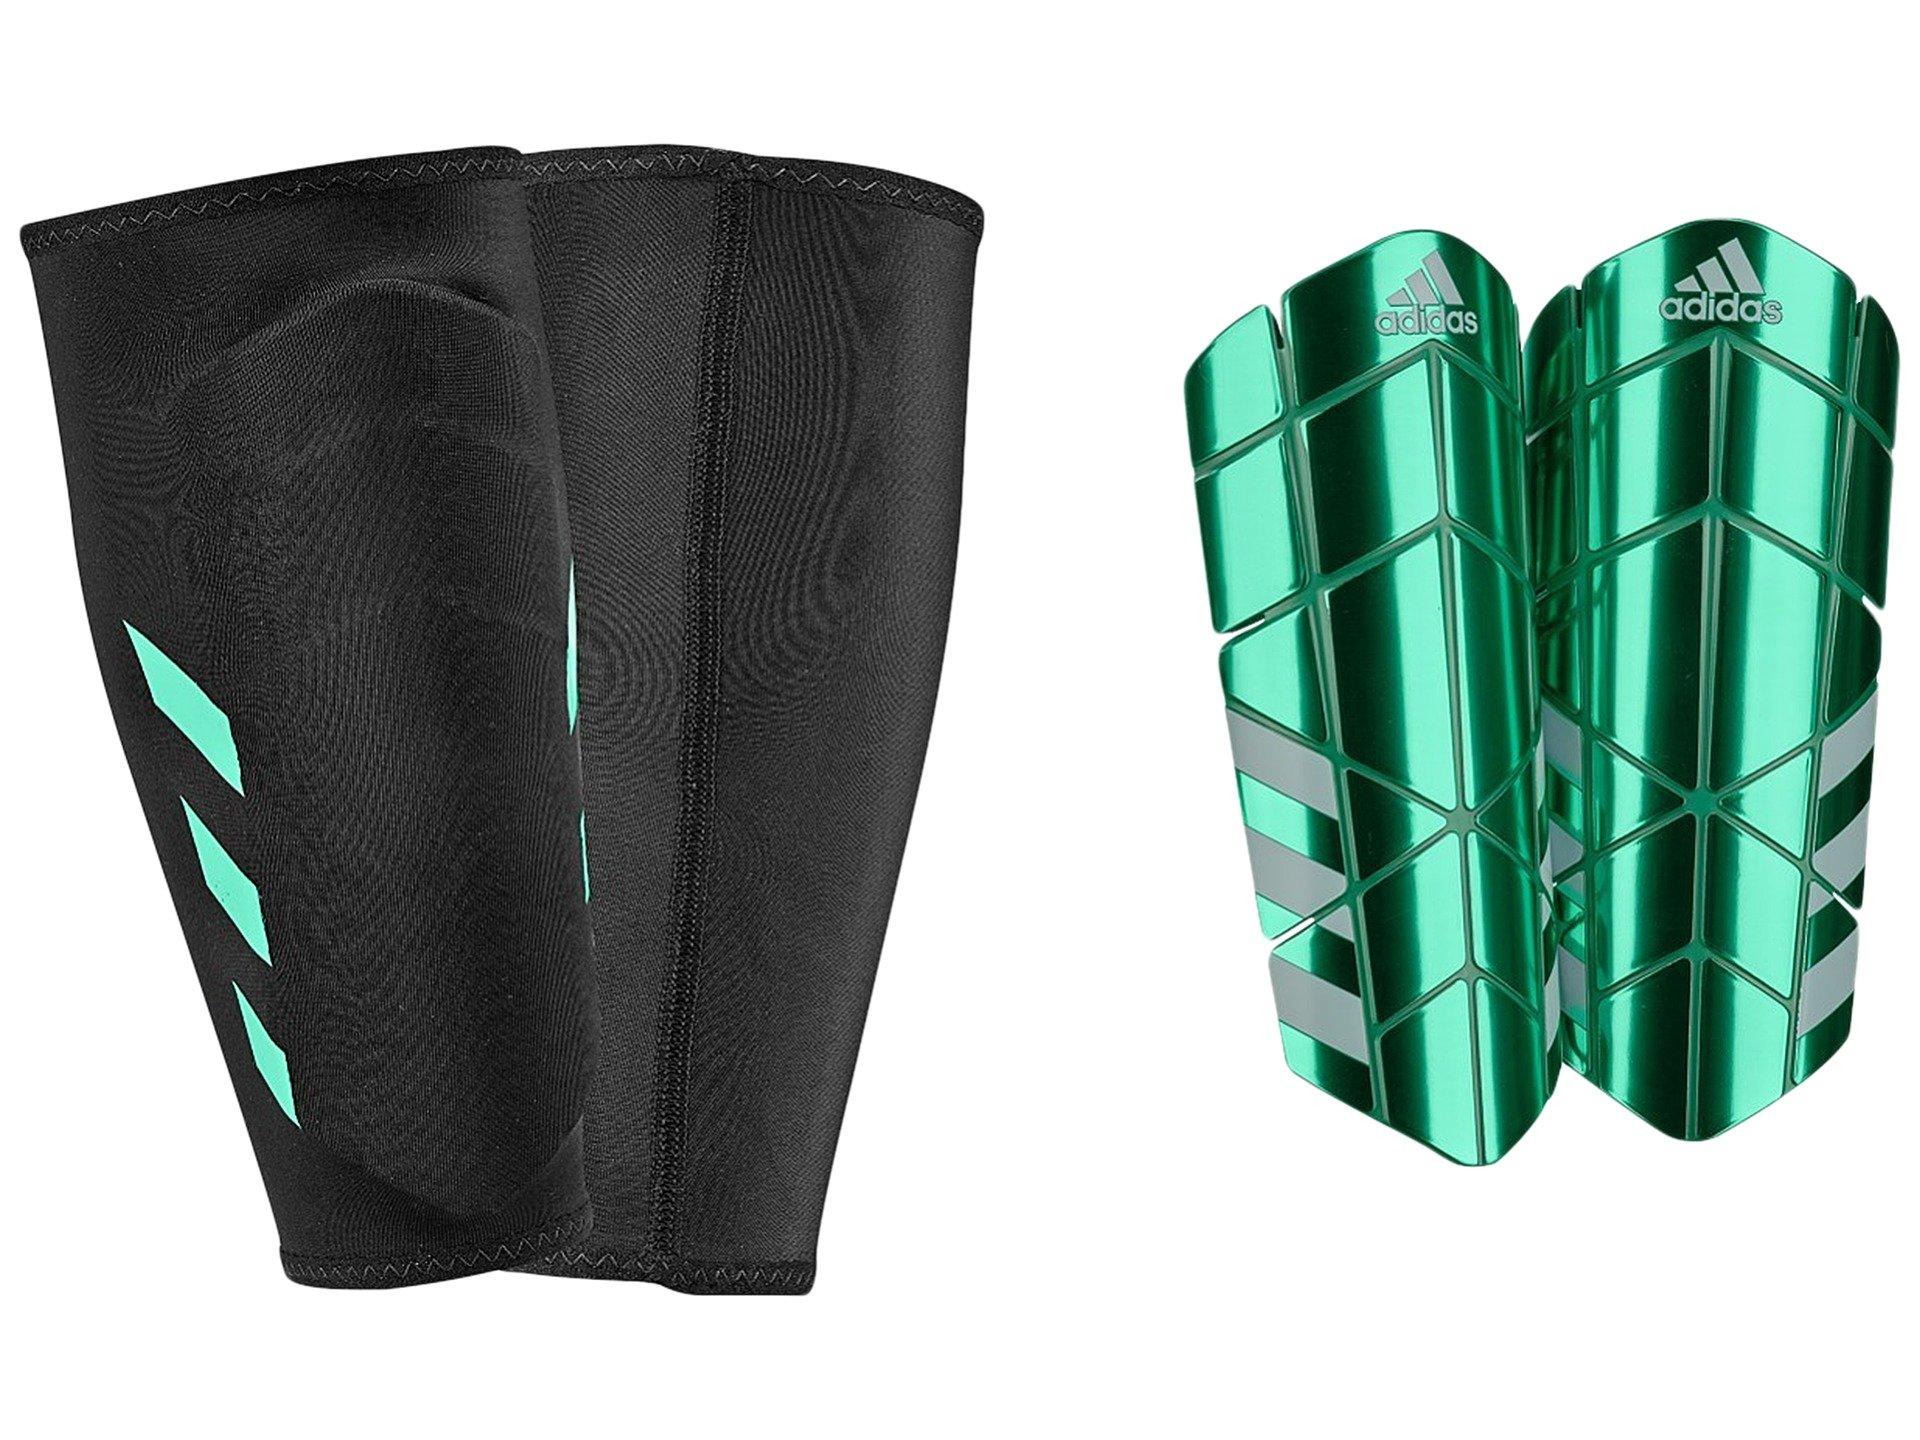 Accesorios adidas Ghost Pro Shin Guard  +  adidas en VeoyCompro.net